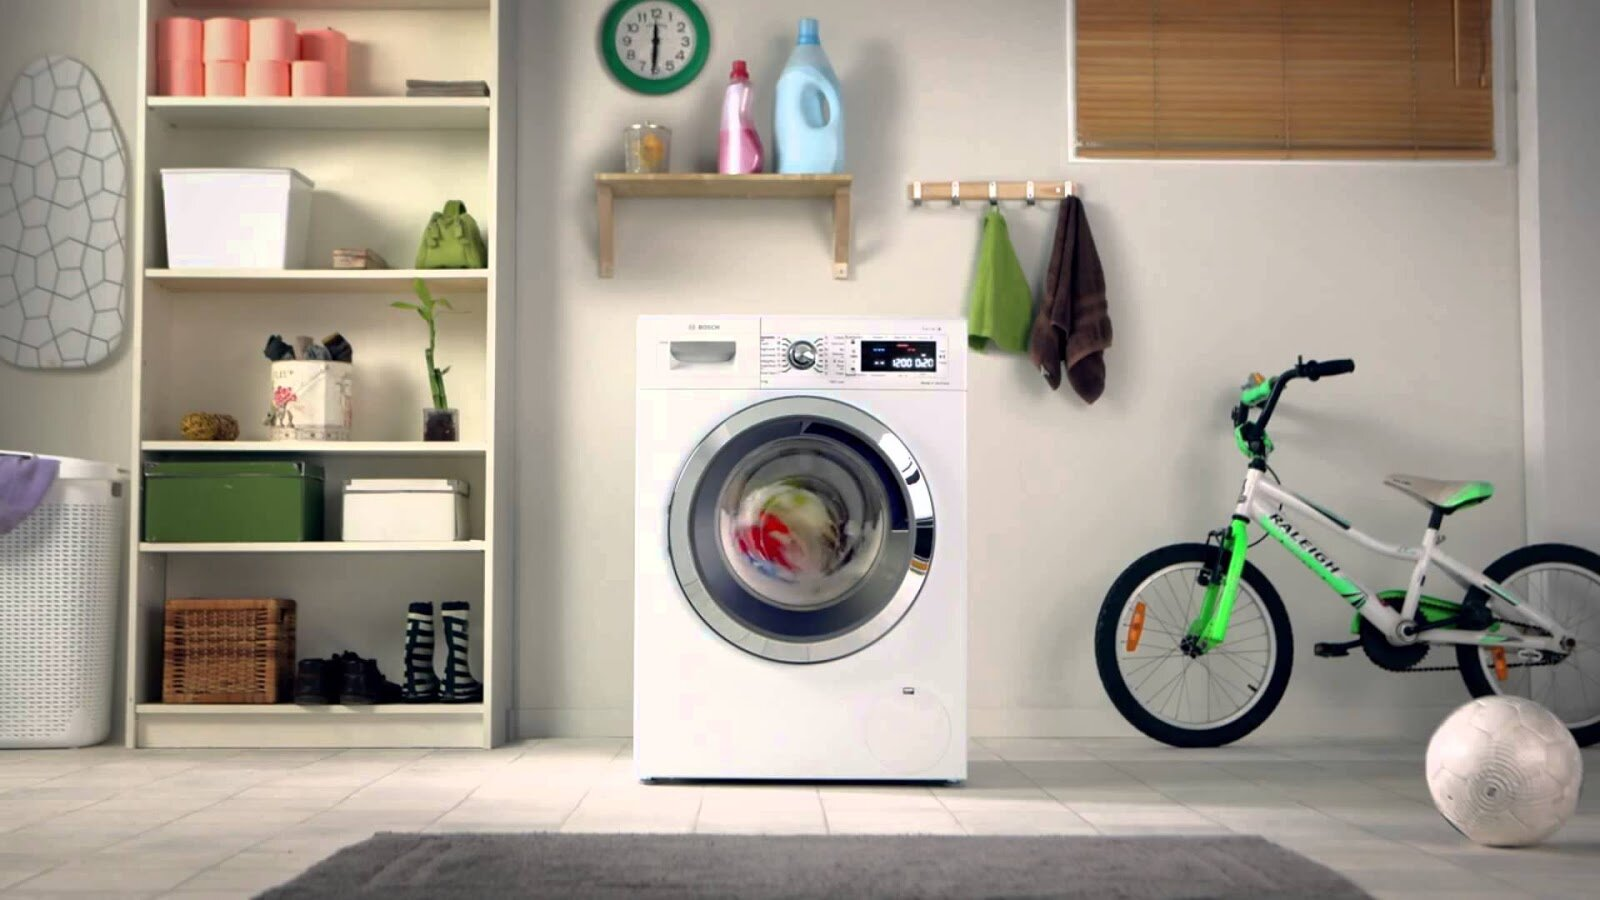 Máy giặt Toshiba sở hữu công nghệ đột phá